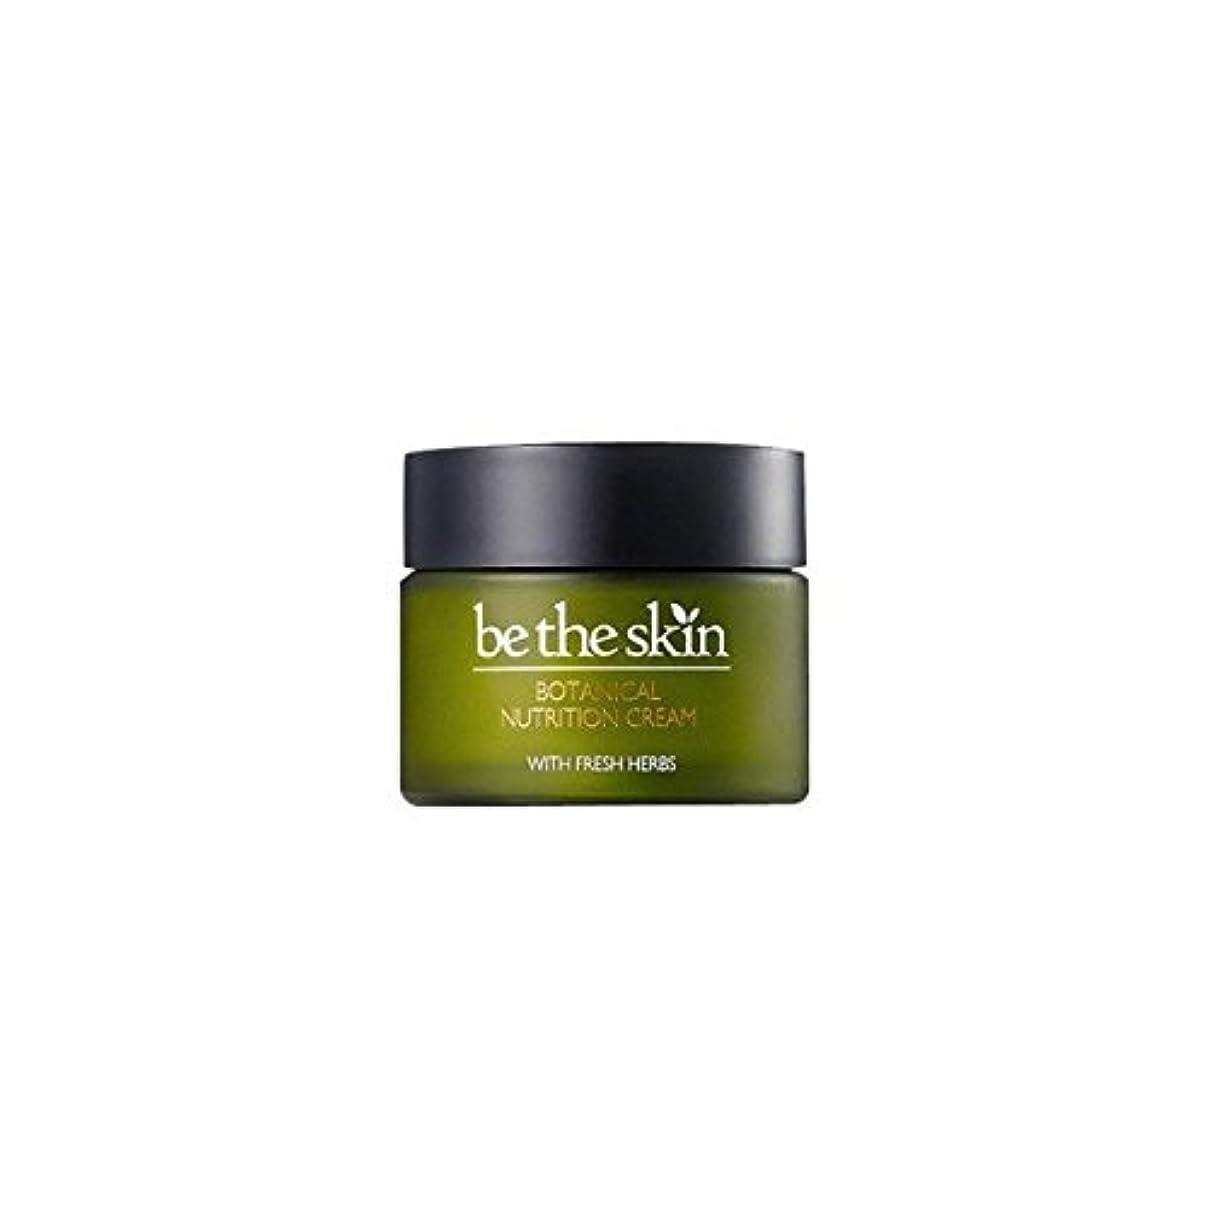 スキップ仲間想定Be the skin(ビーザスキン) ボタニカル ニュートリション クリーム/ Be The Skin Botanical Nutrition Cream [並行輸入品]